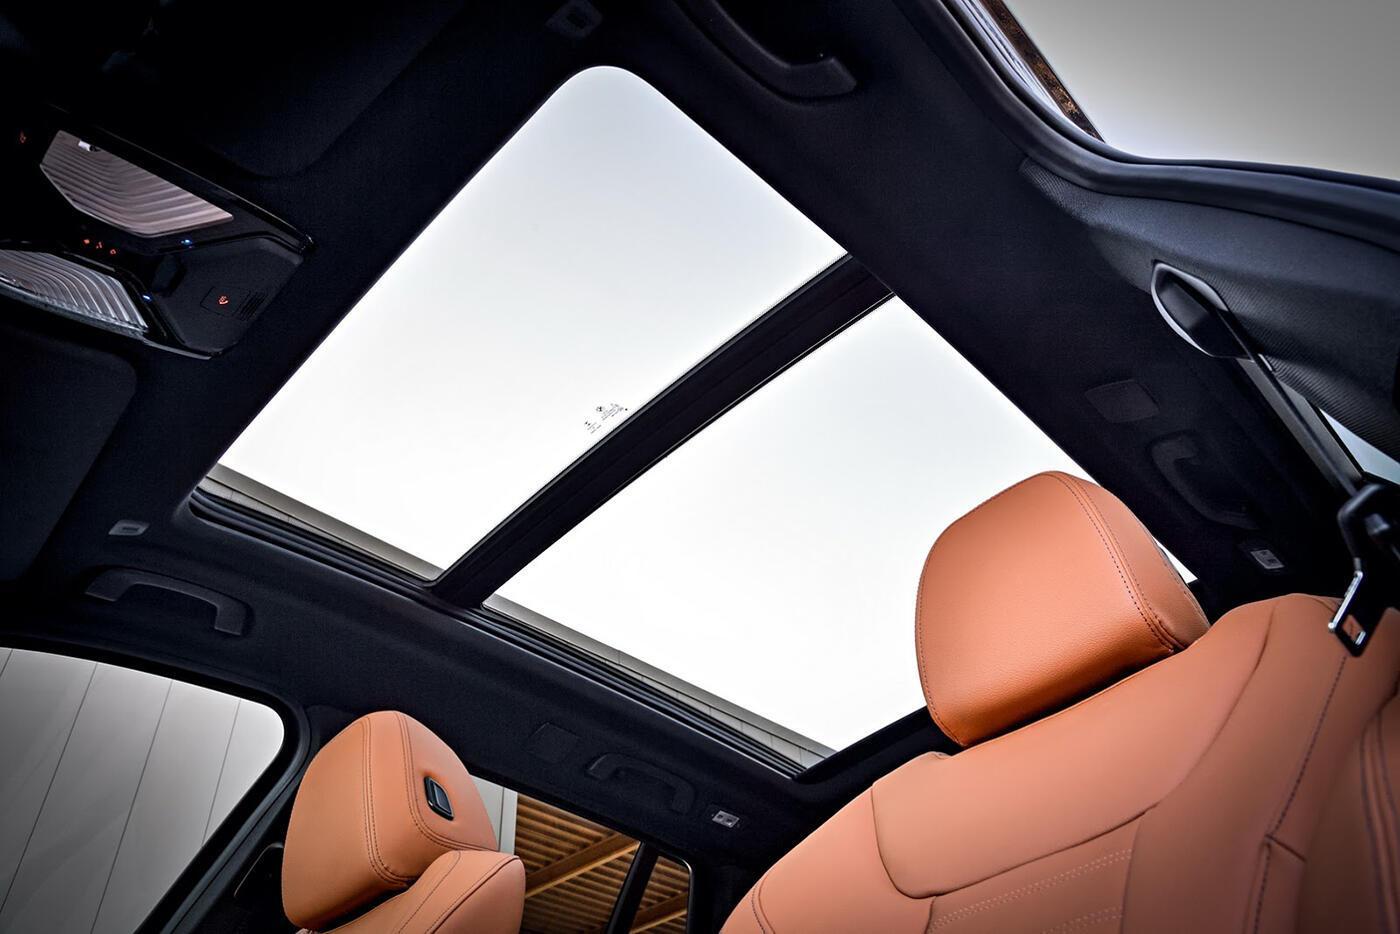 BMW X3 2018 chính thức trình làng, thêm nhiều trang bị mới - Hình 9